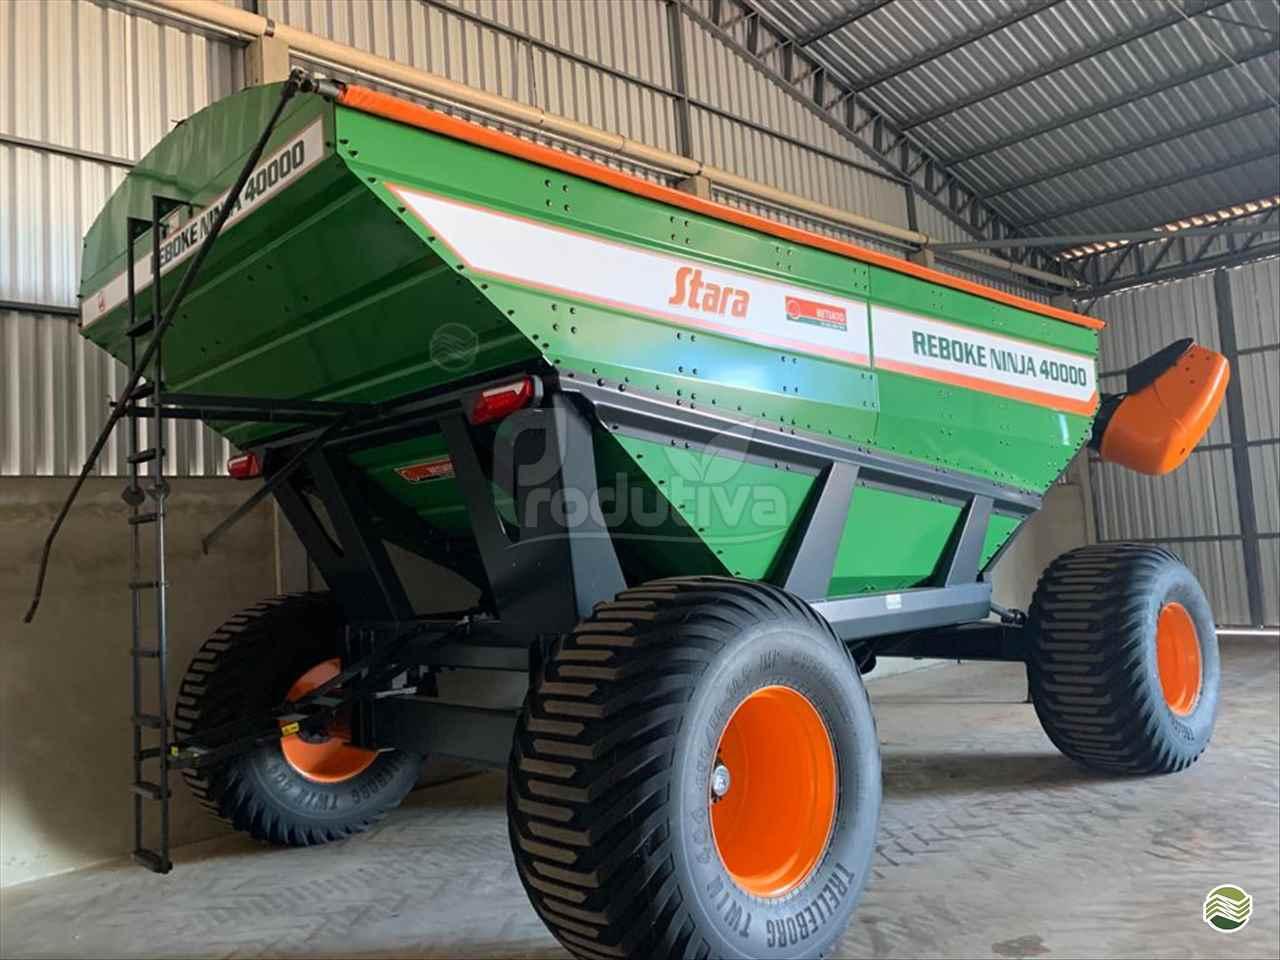 IMPLEMENTOS AGRICOLAS CARRETA BAZUKA GRANELEIRA 40000 Produtiva Máquinas CAMPO VERDE MATO GROSSO MT